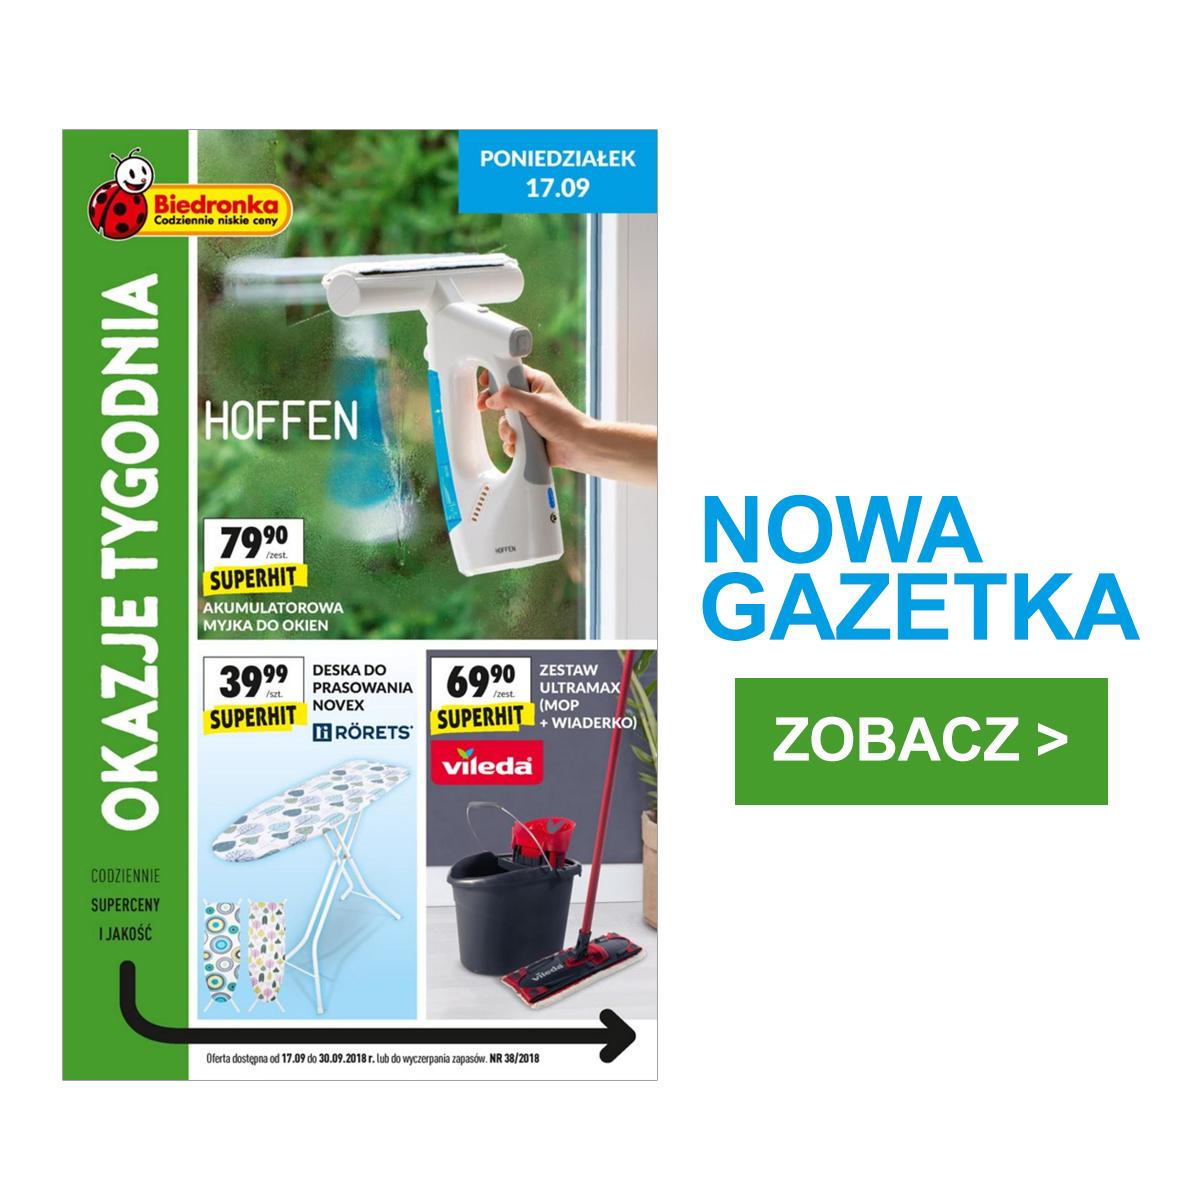 Gazetka Biedronka - Okazje tygodnia 17-30.09